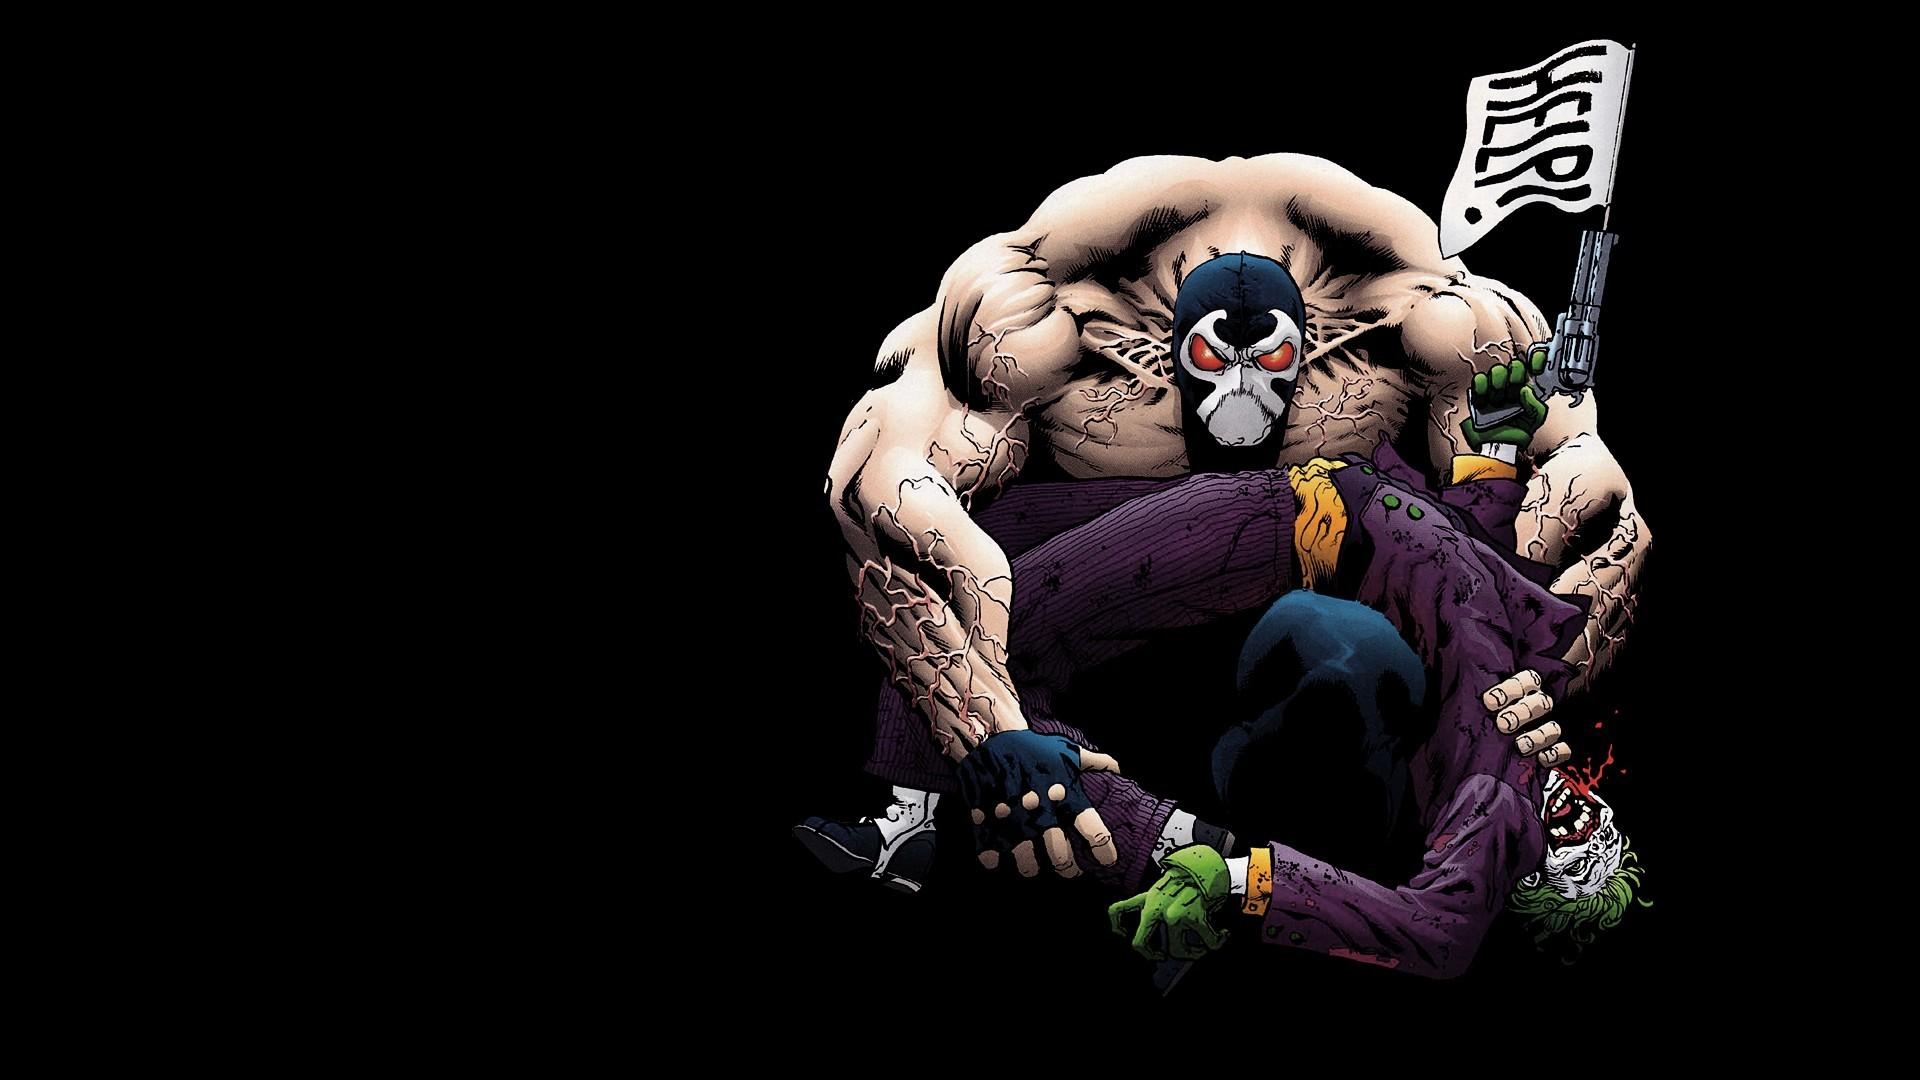 Bane Breaks Joker 1920 x 1080 » Comic Wallpapers